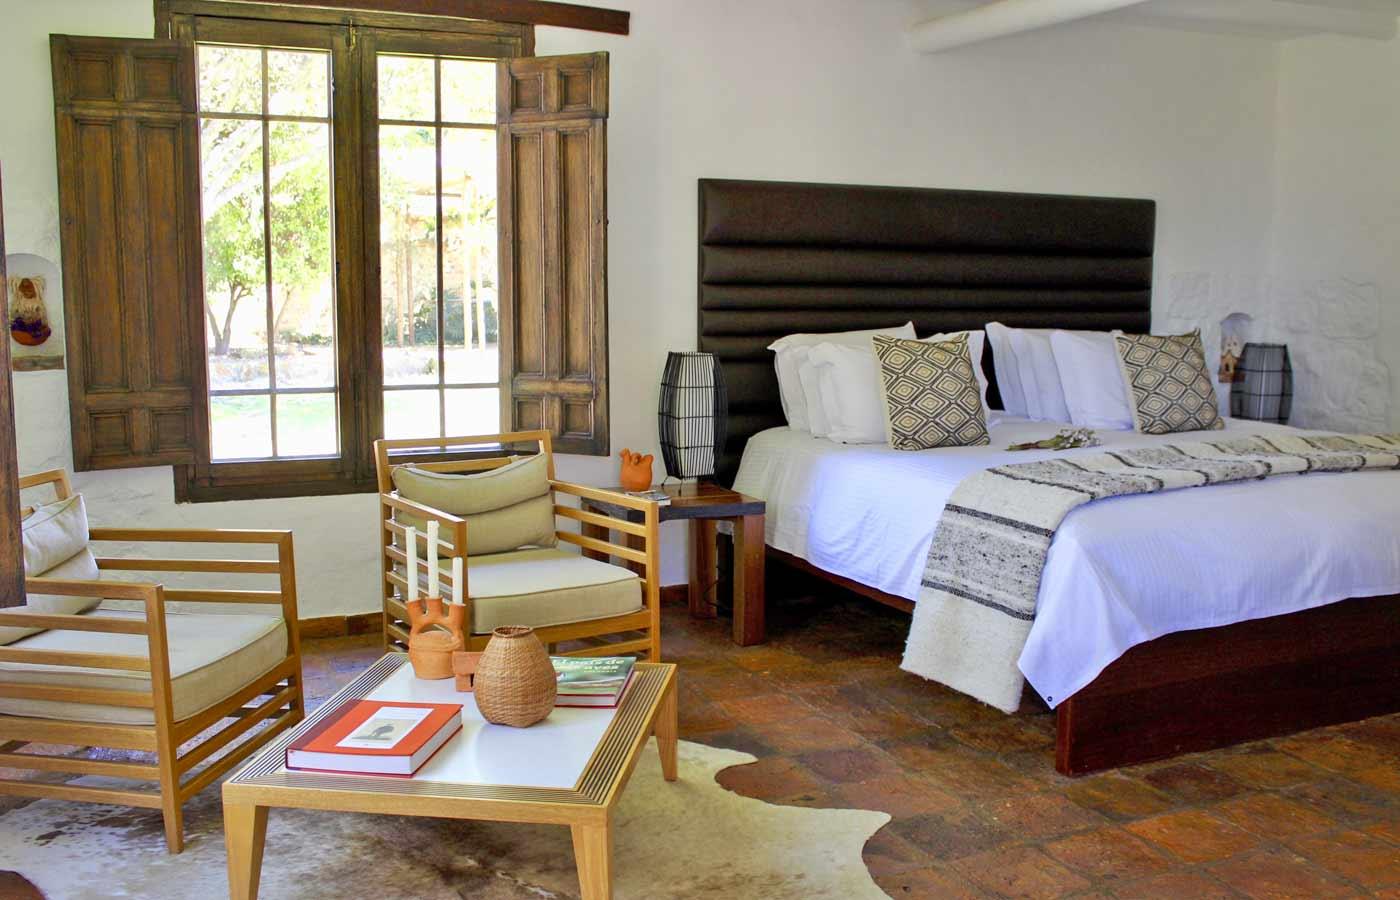 Hotel Casa Terra, Villa de Leyva, Colombia